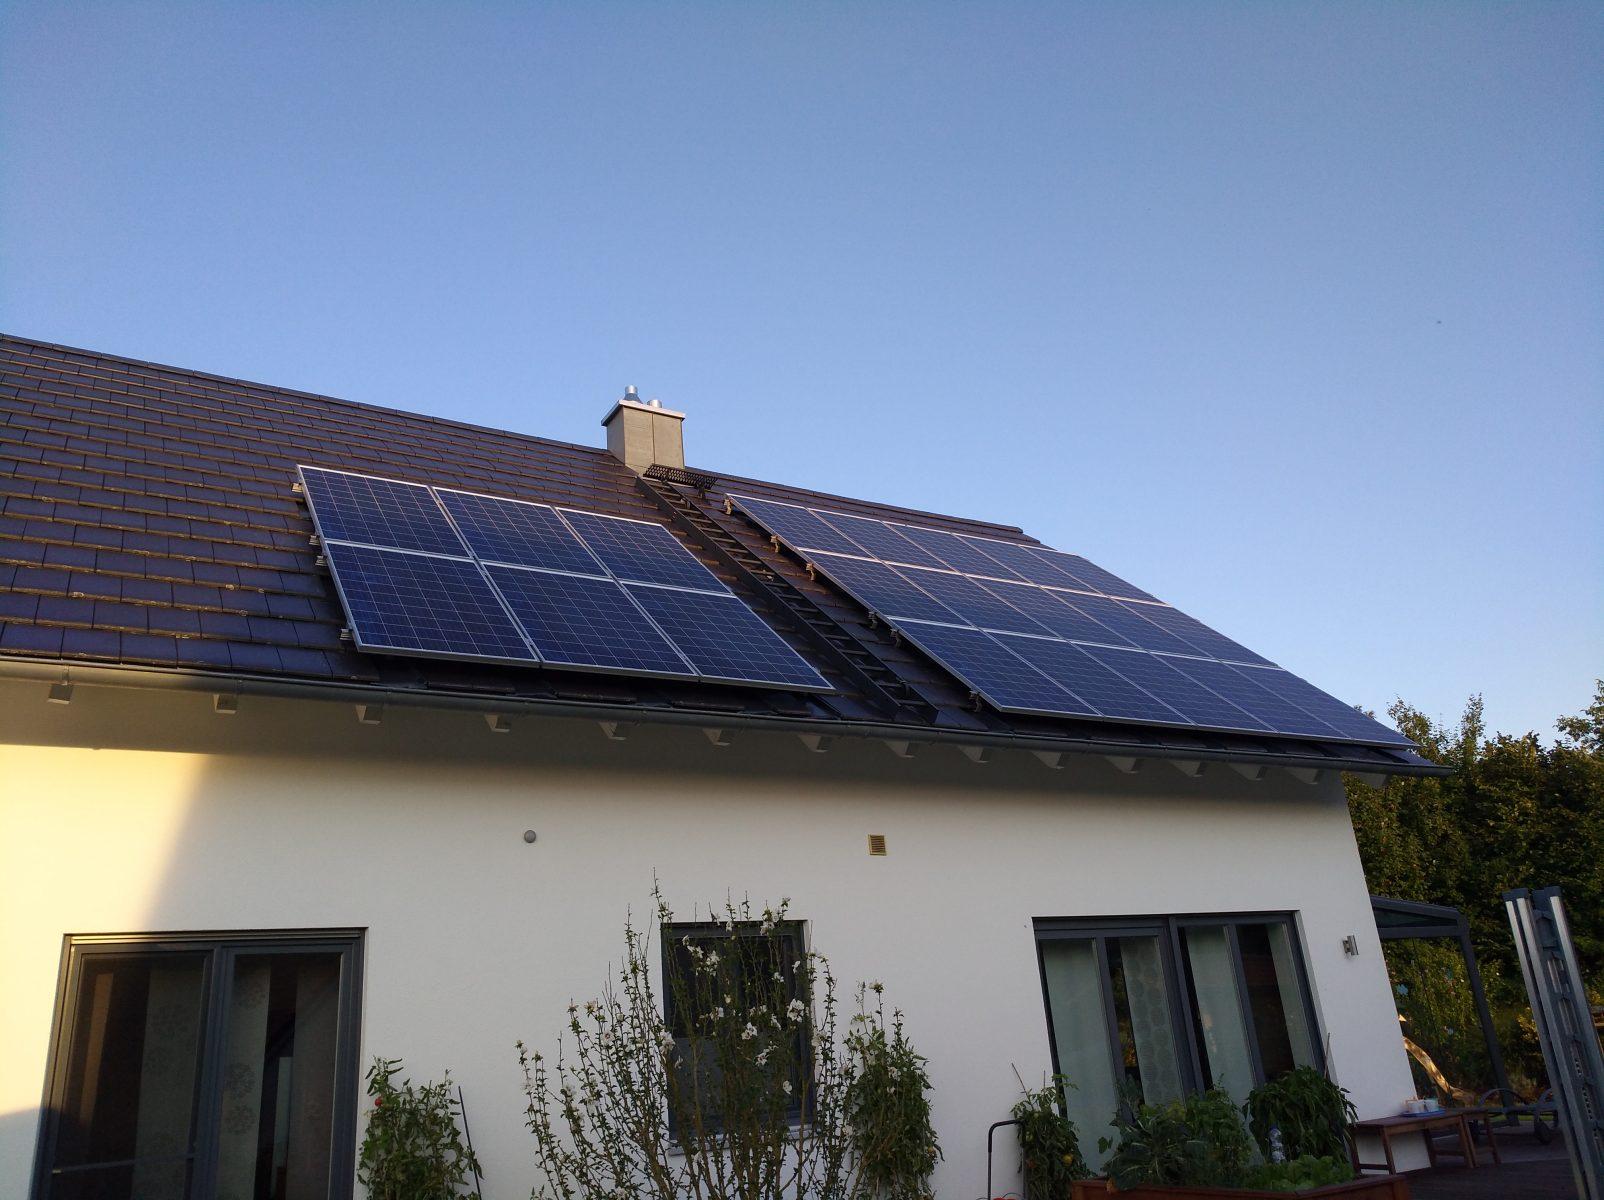 zeo solar mach deinen eigenen strom photovoltaik solaranlagen. Black Bedroom Furniture Sets. Home Design Ideas